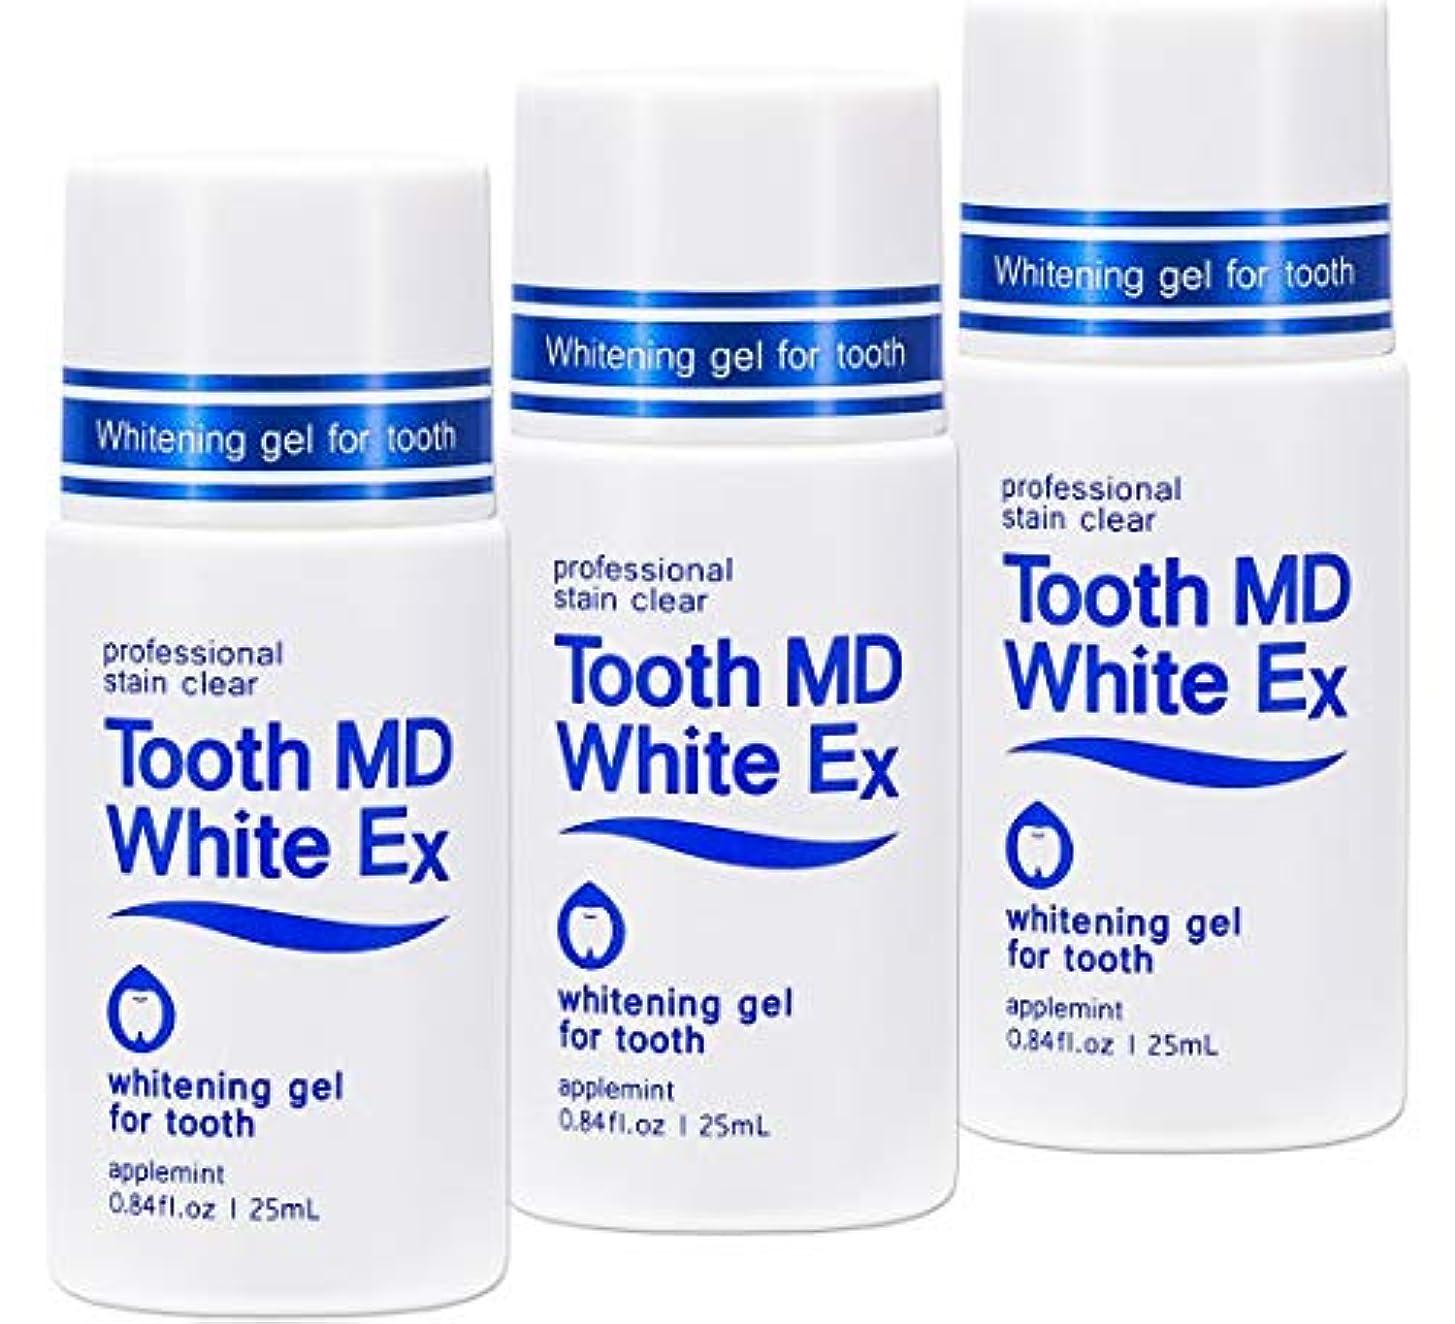 リボンからかう出費トゥースMDホワイトEX 3個セット [歯のホワイトニング] 専用歯ブラシ付き